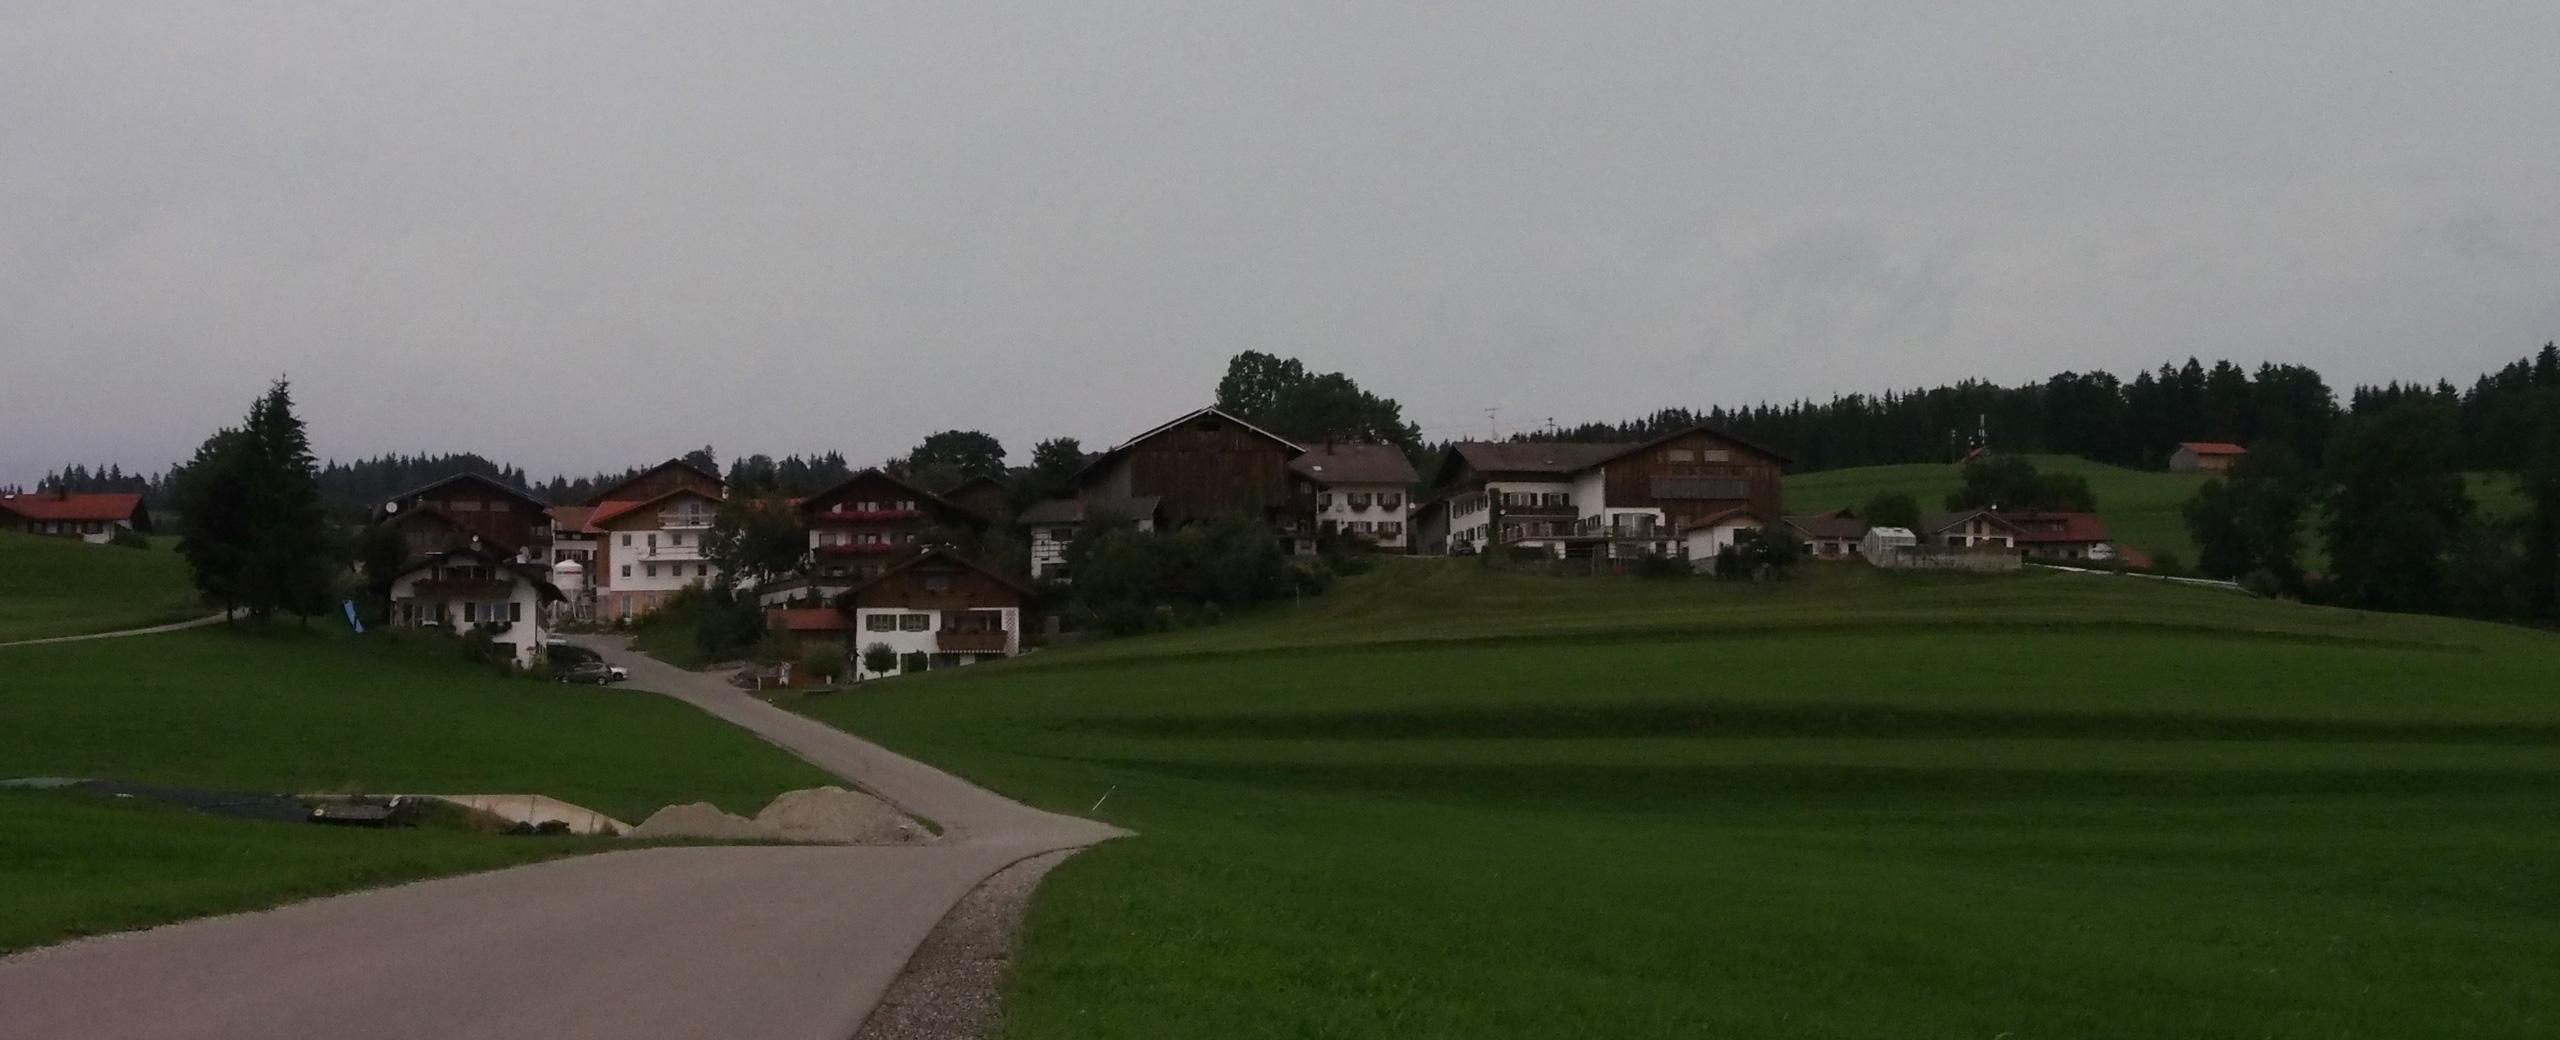 Orda Bir Köy Var Alpler'de Heimen-Hopferau-ARABAYLA ROMANTİK YOL